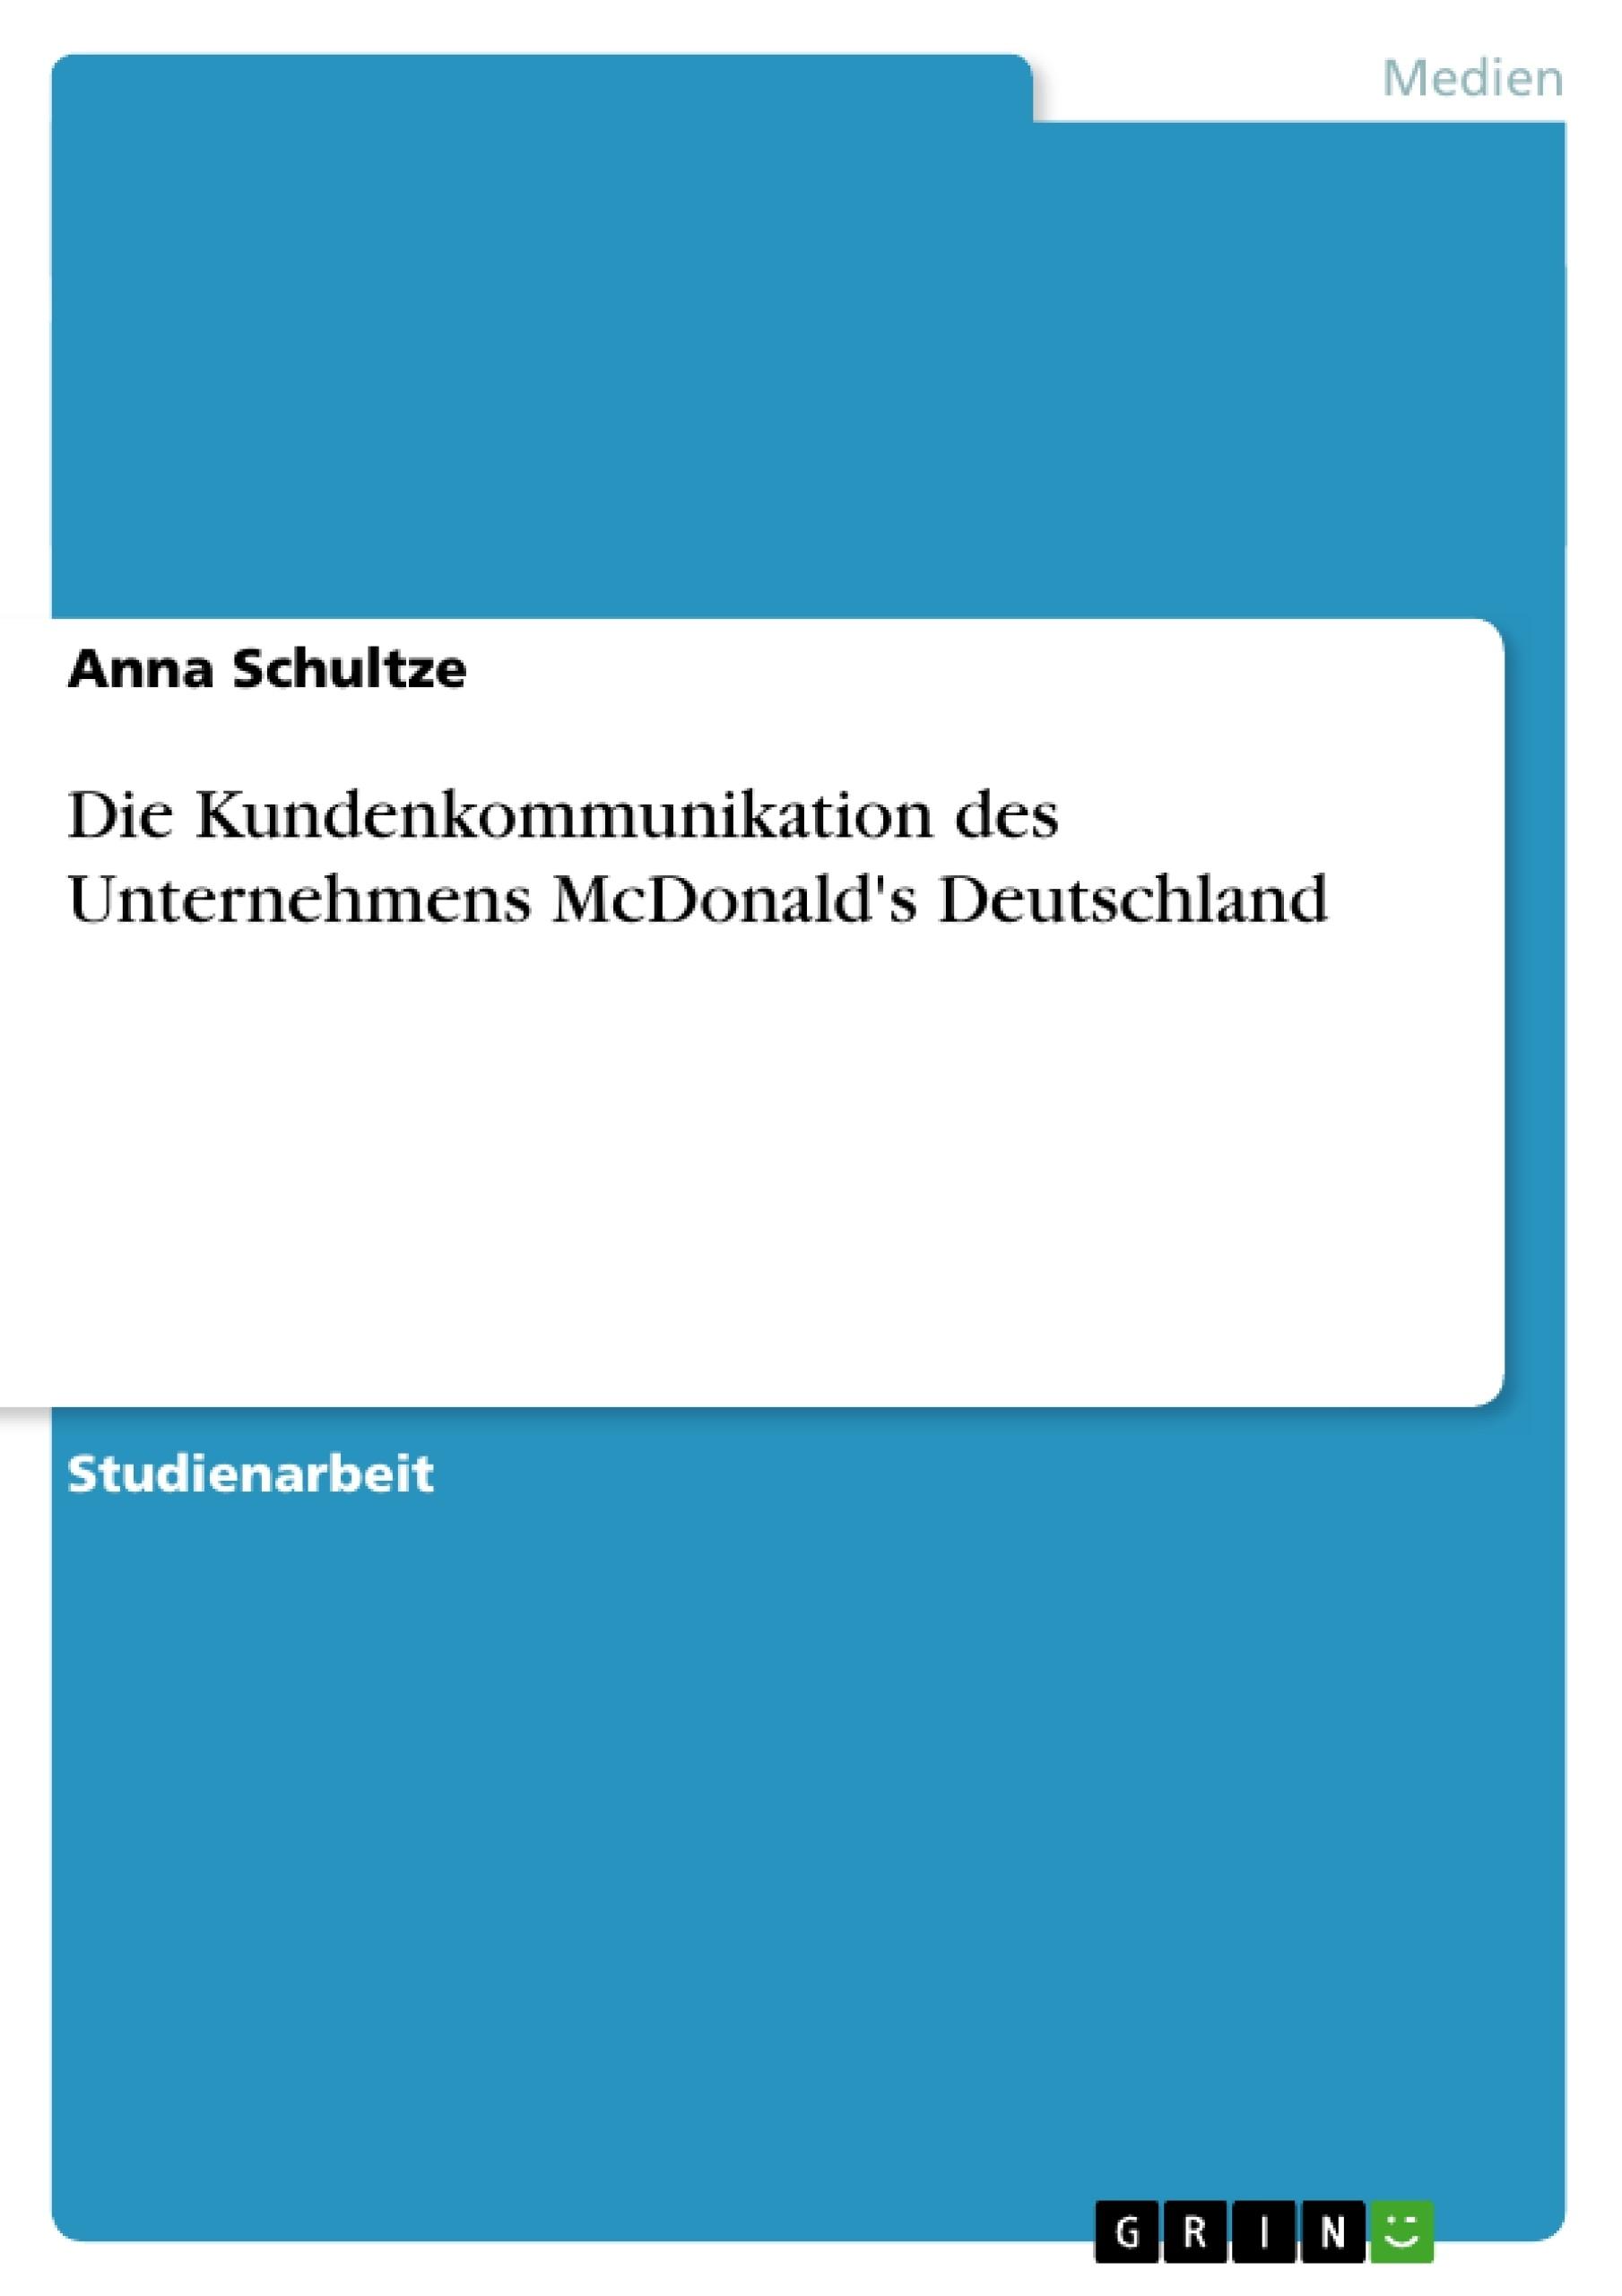 Titel: Die Kundenkommunikation des Unternehmens McDonald's Deutschland